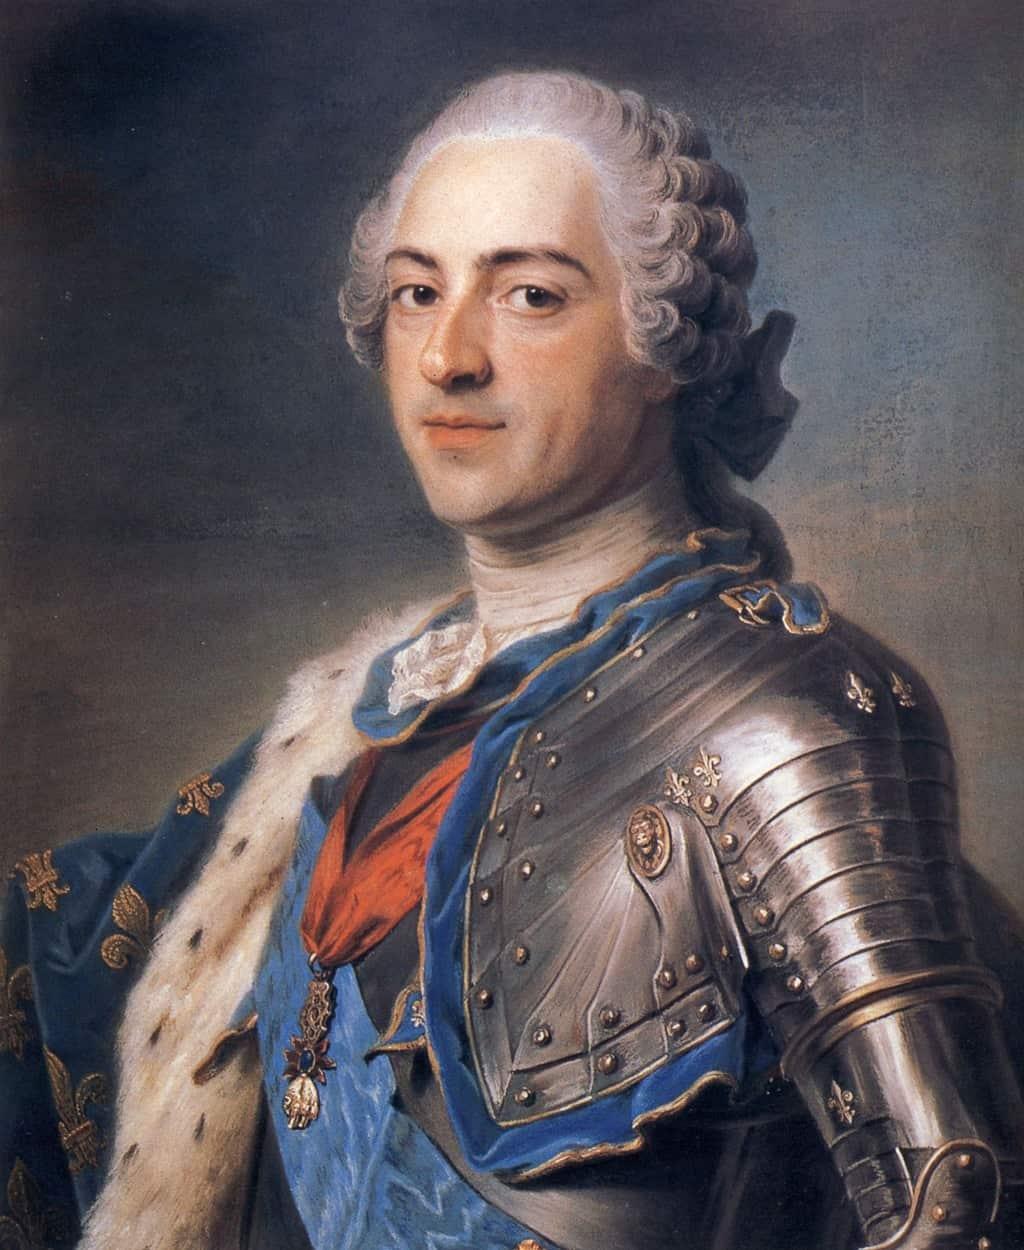 صورة لويس الخامس عشر ملك فرنسا، بريشة موريس كوينتين دي لا تور (حوالي 1748). ويكيميديا كومونز